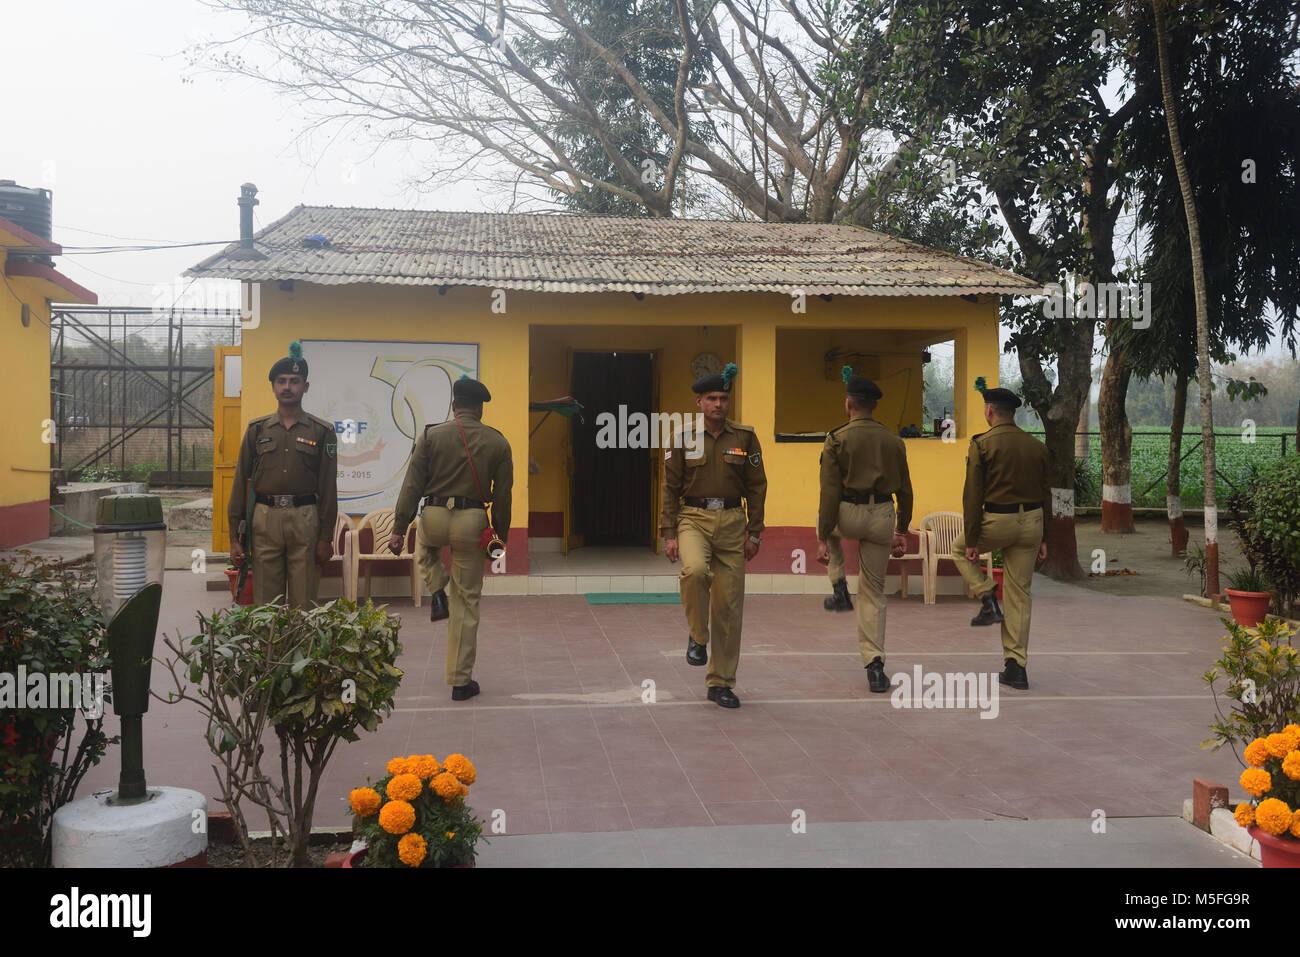 High Quality Coochbehar, Indien. 22 Feb, 2018. Indischen Grenze Sicherheitskräfte  Während Flagge Retreat Zeremonie